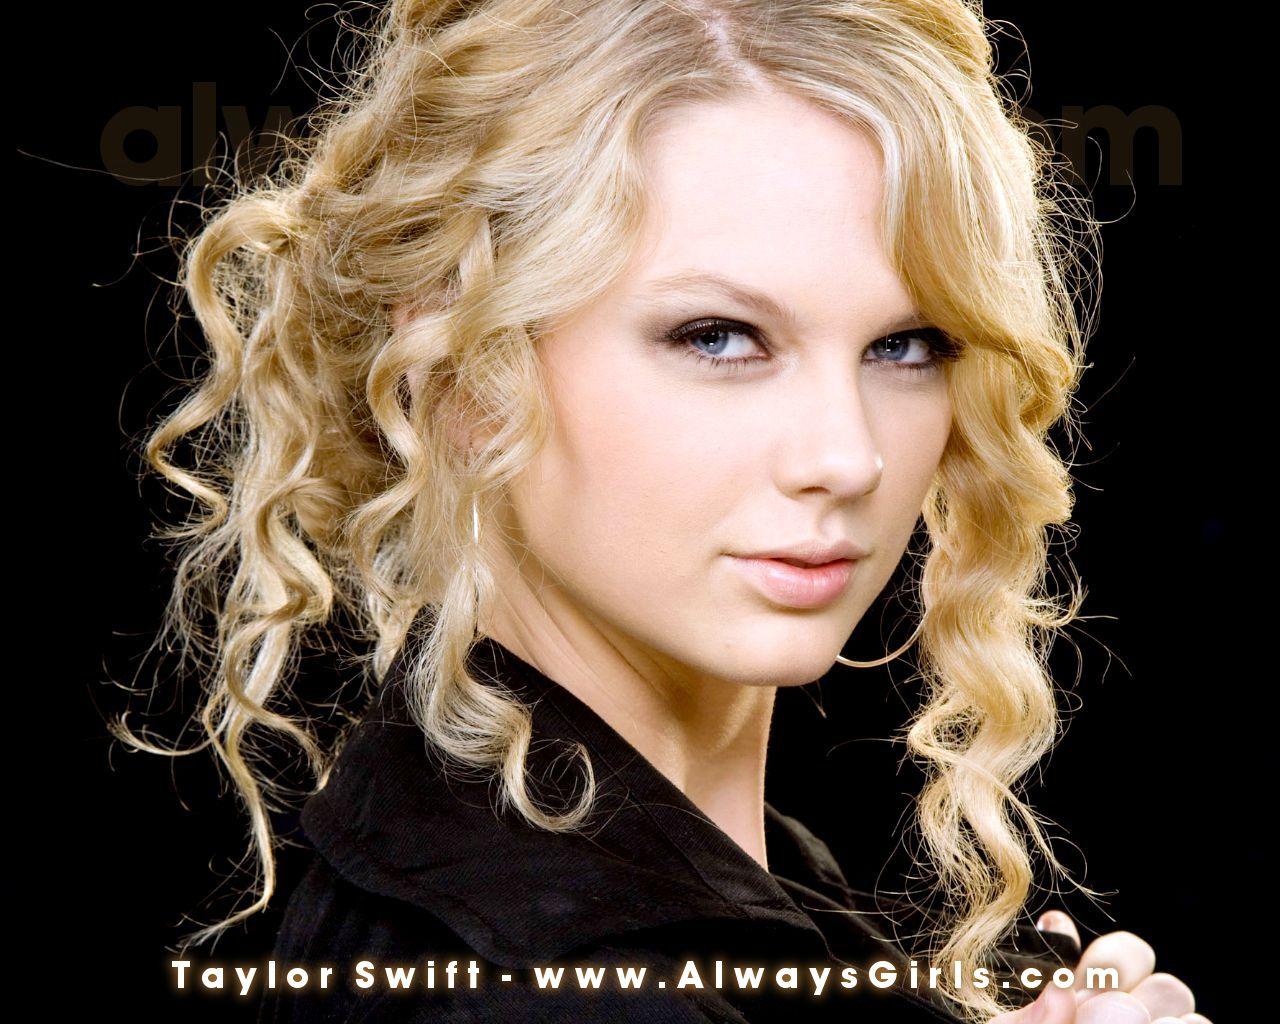 http://1.bp.blogspot.com/_1reaDNHblWA/S_y2OTWRQrI/AAAAAAAAAcA/Lw86Oz1Eli0/s1600/taylor_swift-2.jpg